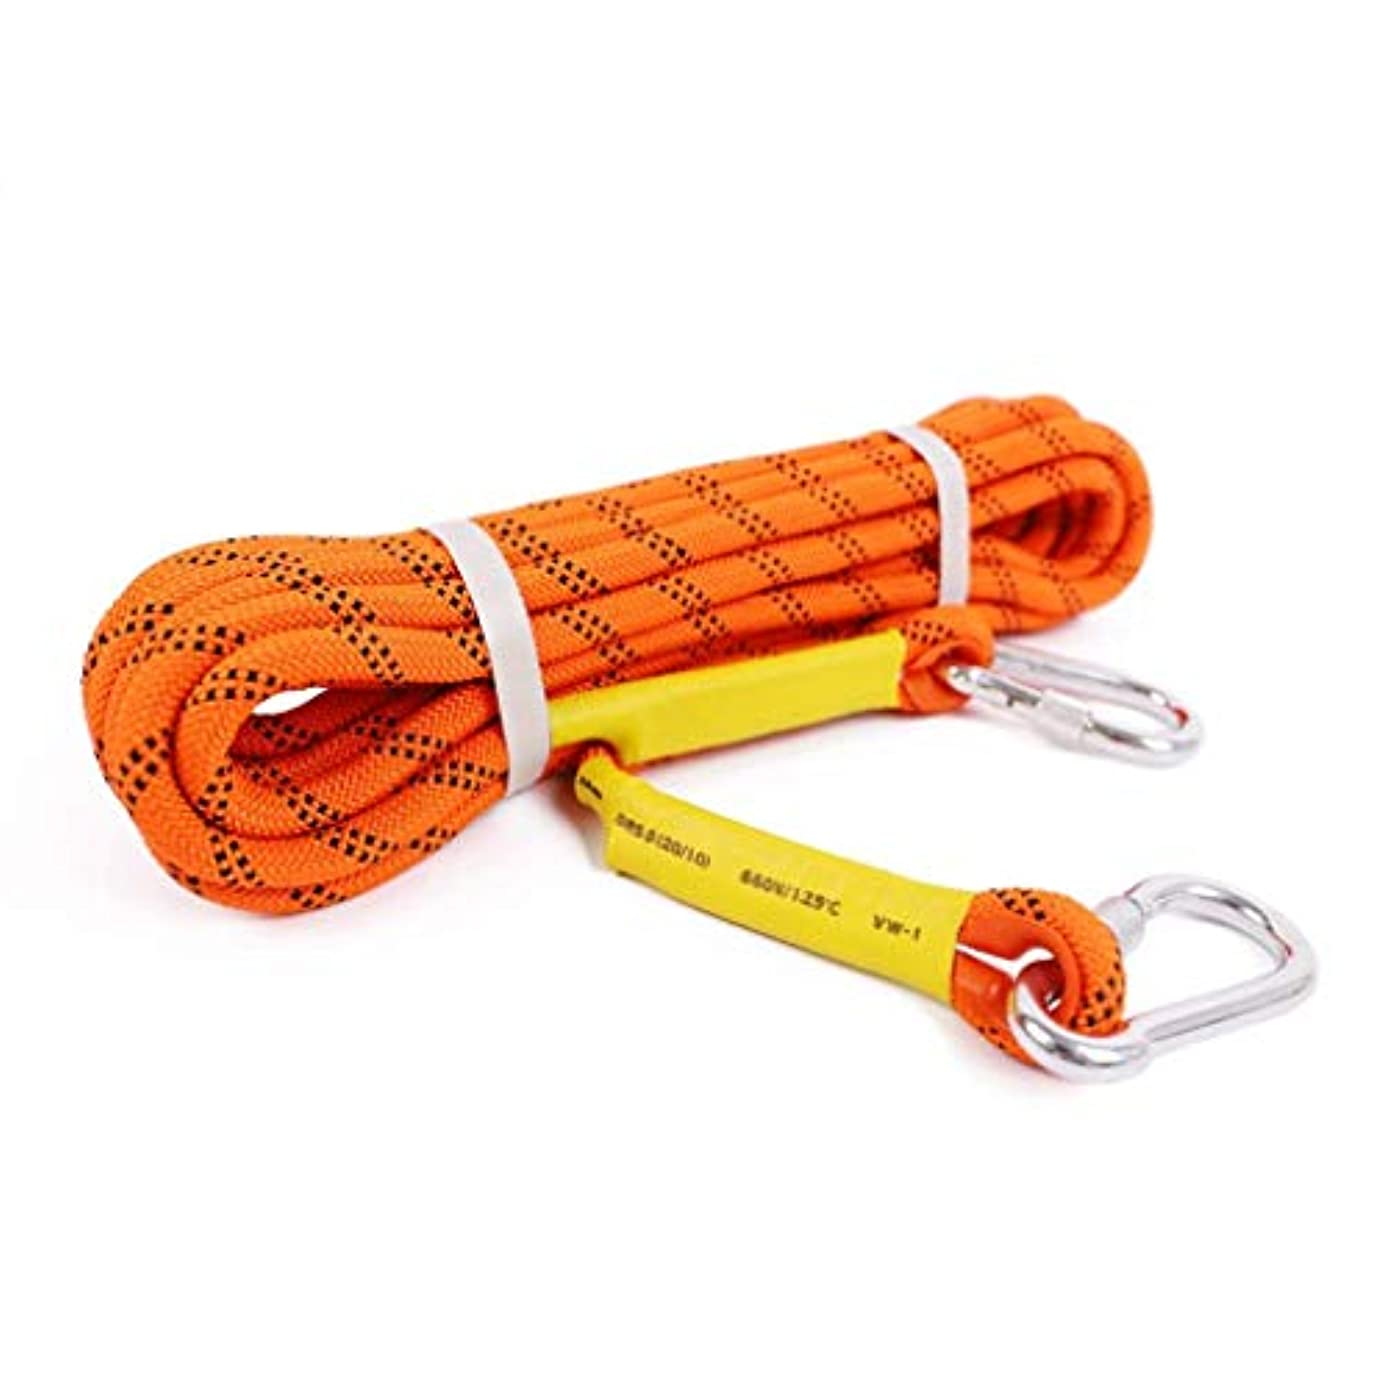 結核認識マントクライミングロープ、20メートル屋外登山ラペリングアブセーリング 黒8ミリメートル火災緊急脱出安全装置レスキューロープ(色:オレンジ、サイズ:20メートル)